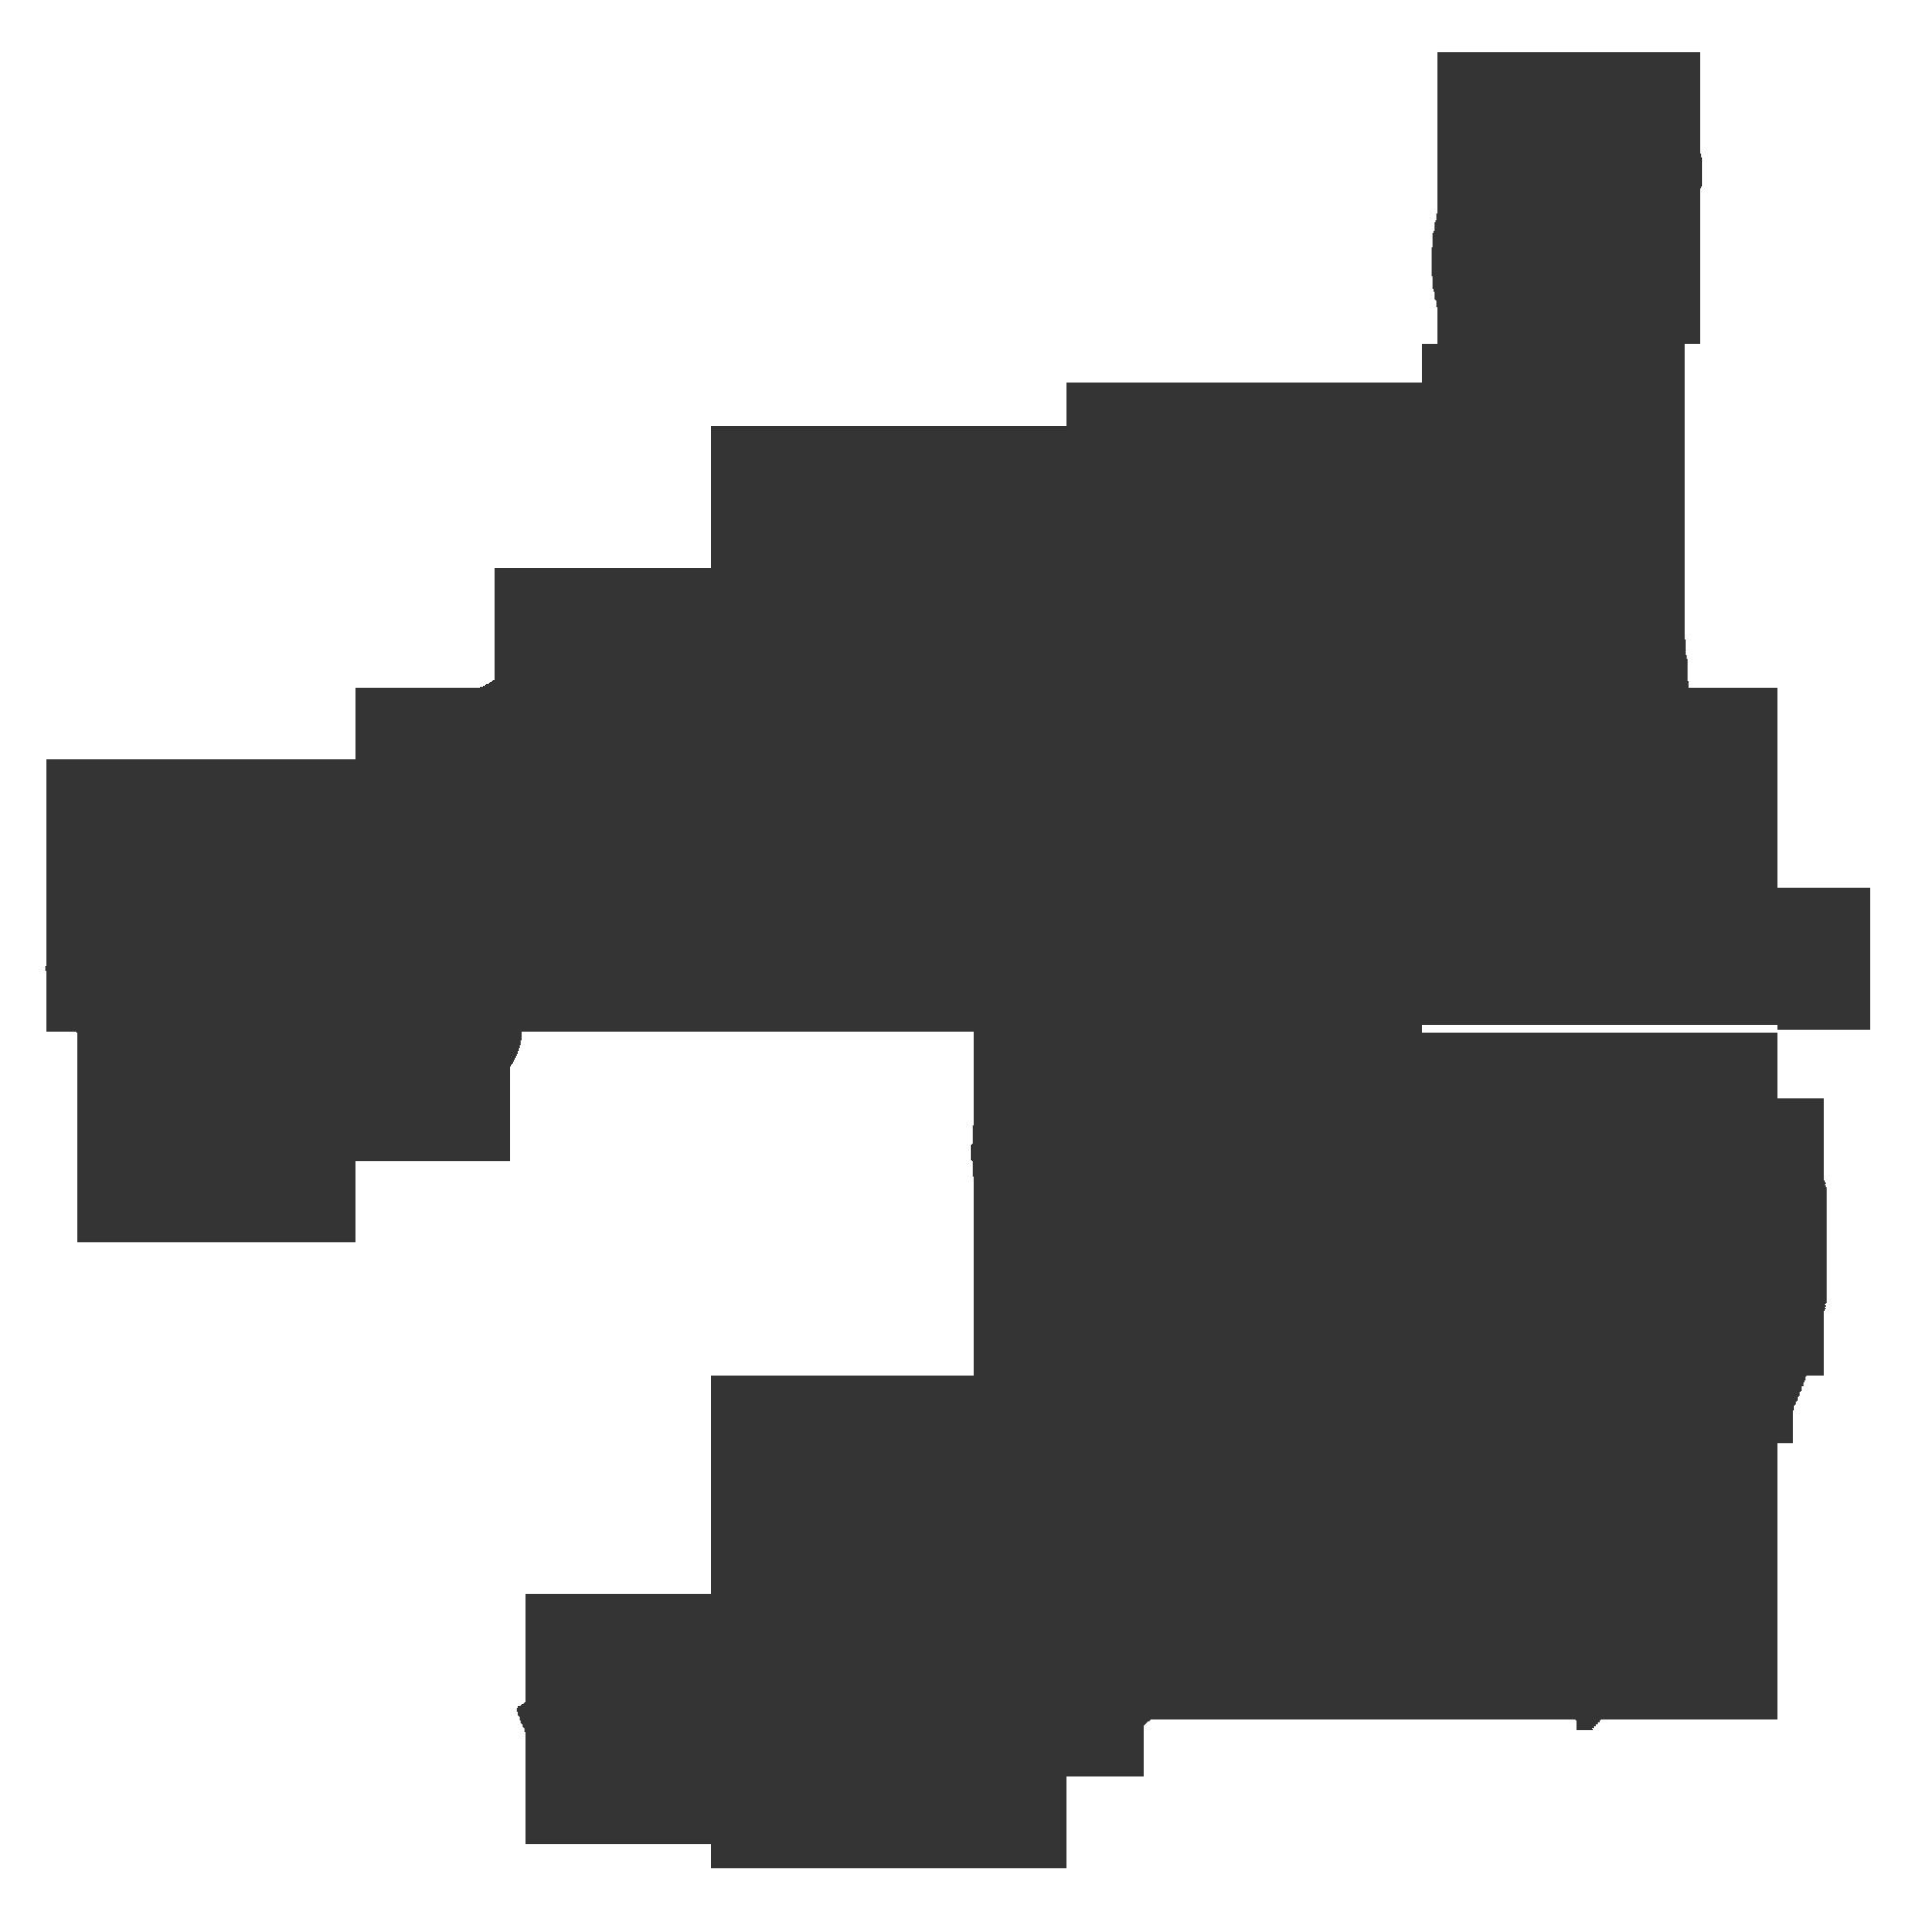 Recovery Kids Kinetic - Recuperare Medicală, Fizioterapie, Kinetoterapie, Masaj Terapeutic, Kinetoterapie & Masaj în afecțiuni respiratorii, Iași